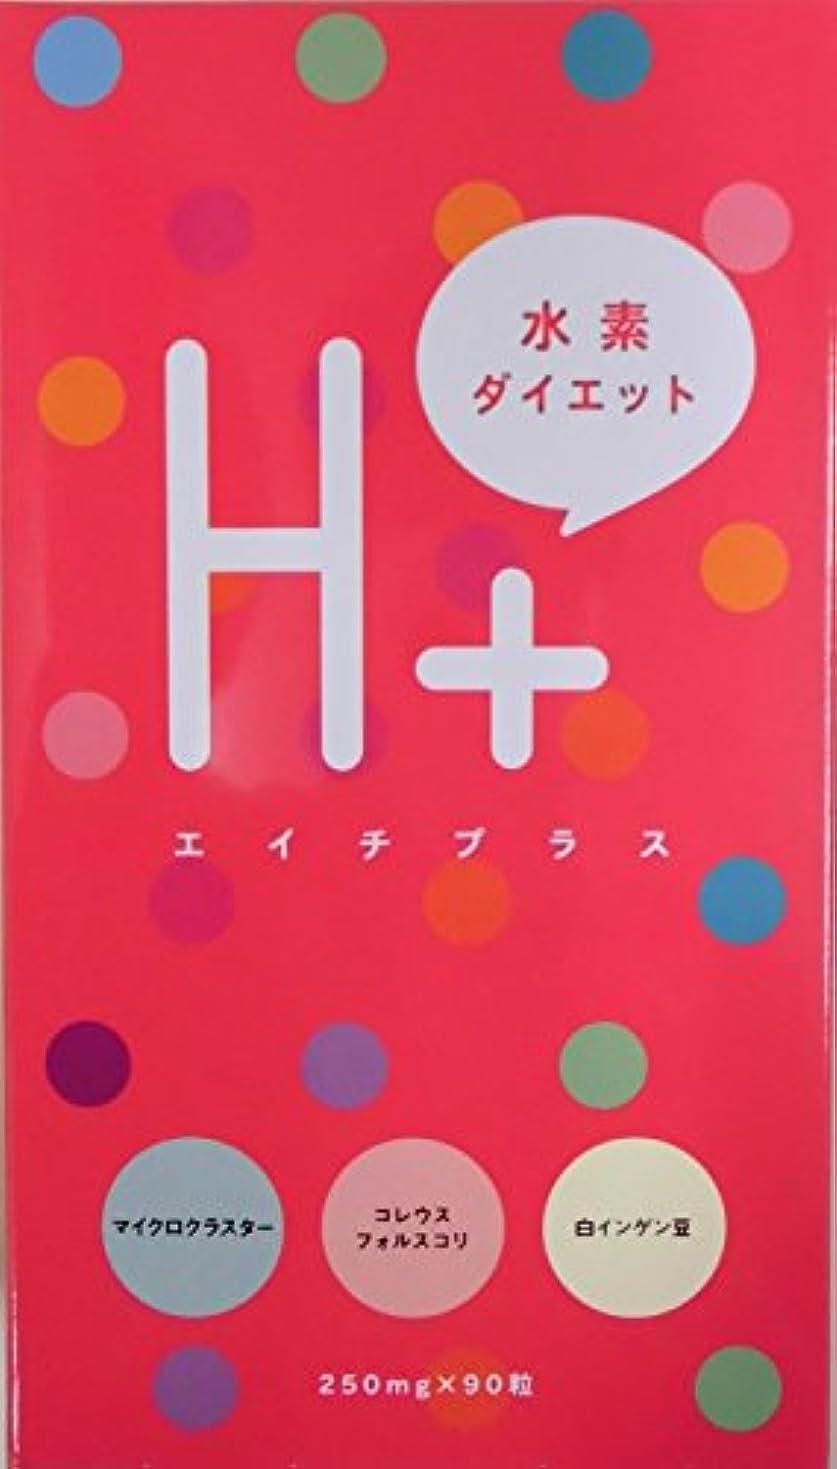 良い事実上合金H+水素ダイエット 250mg*90粒